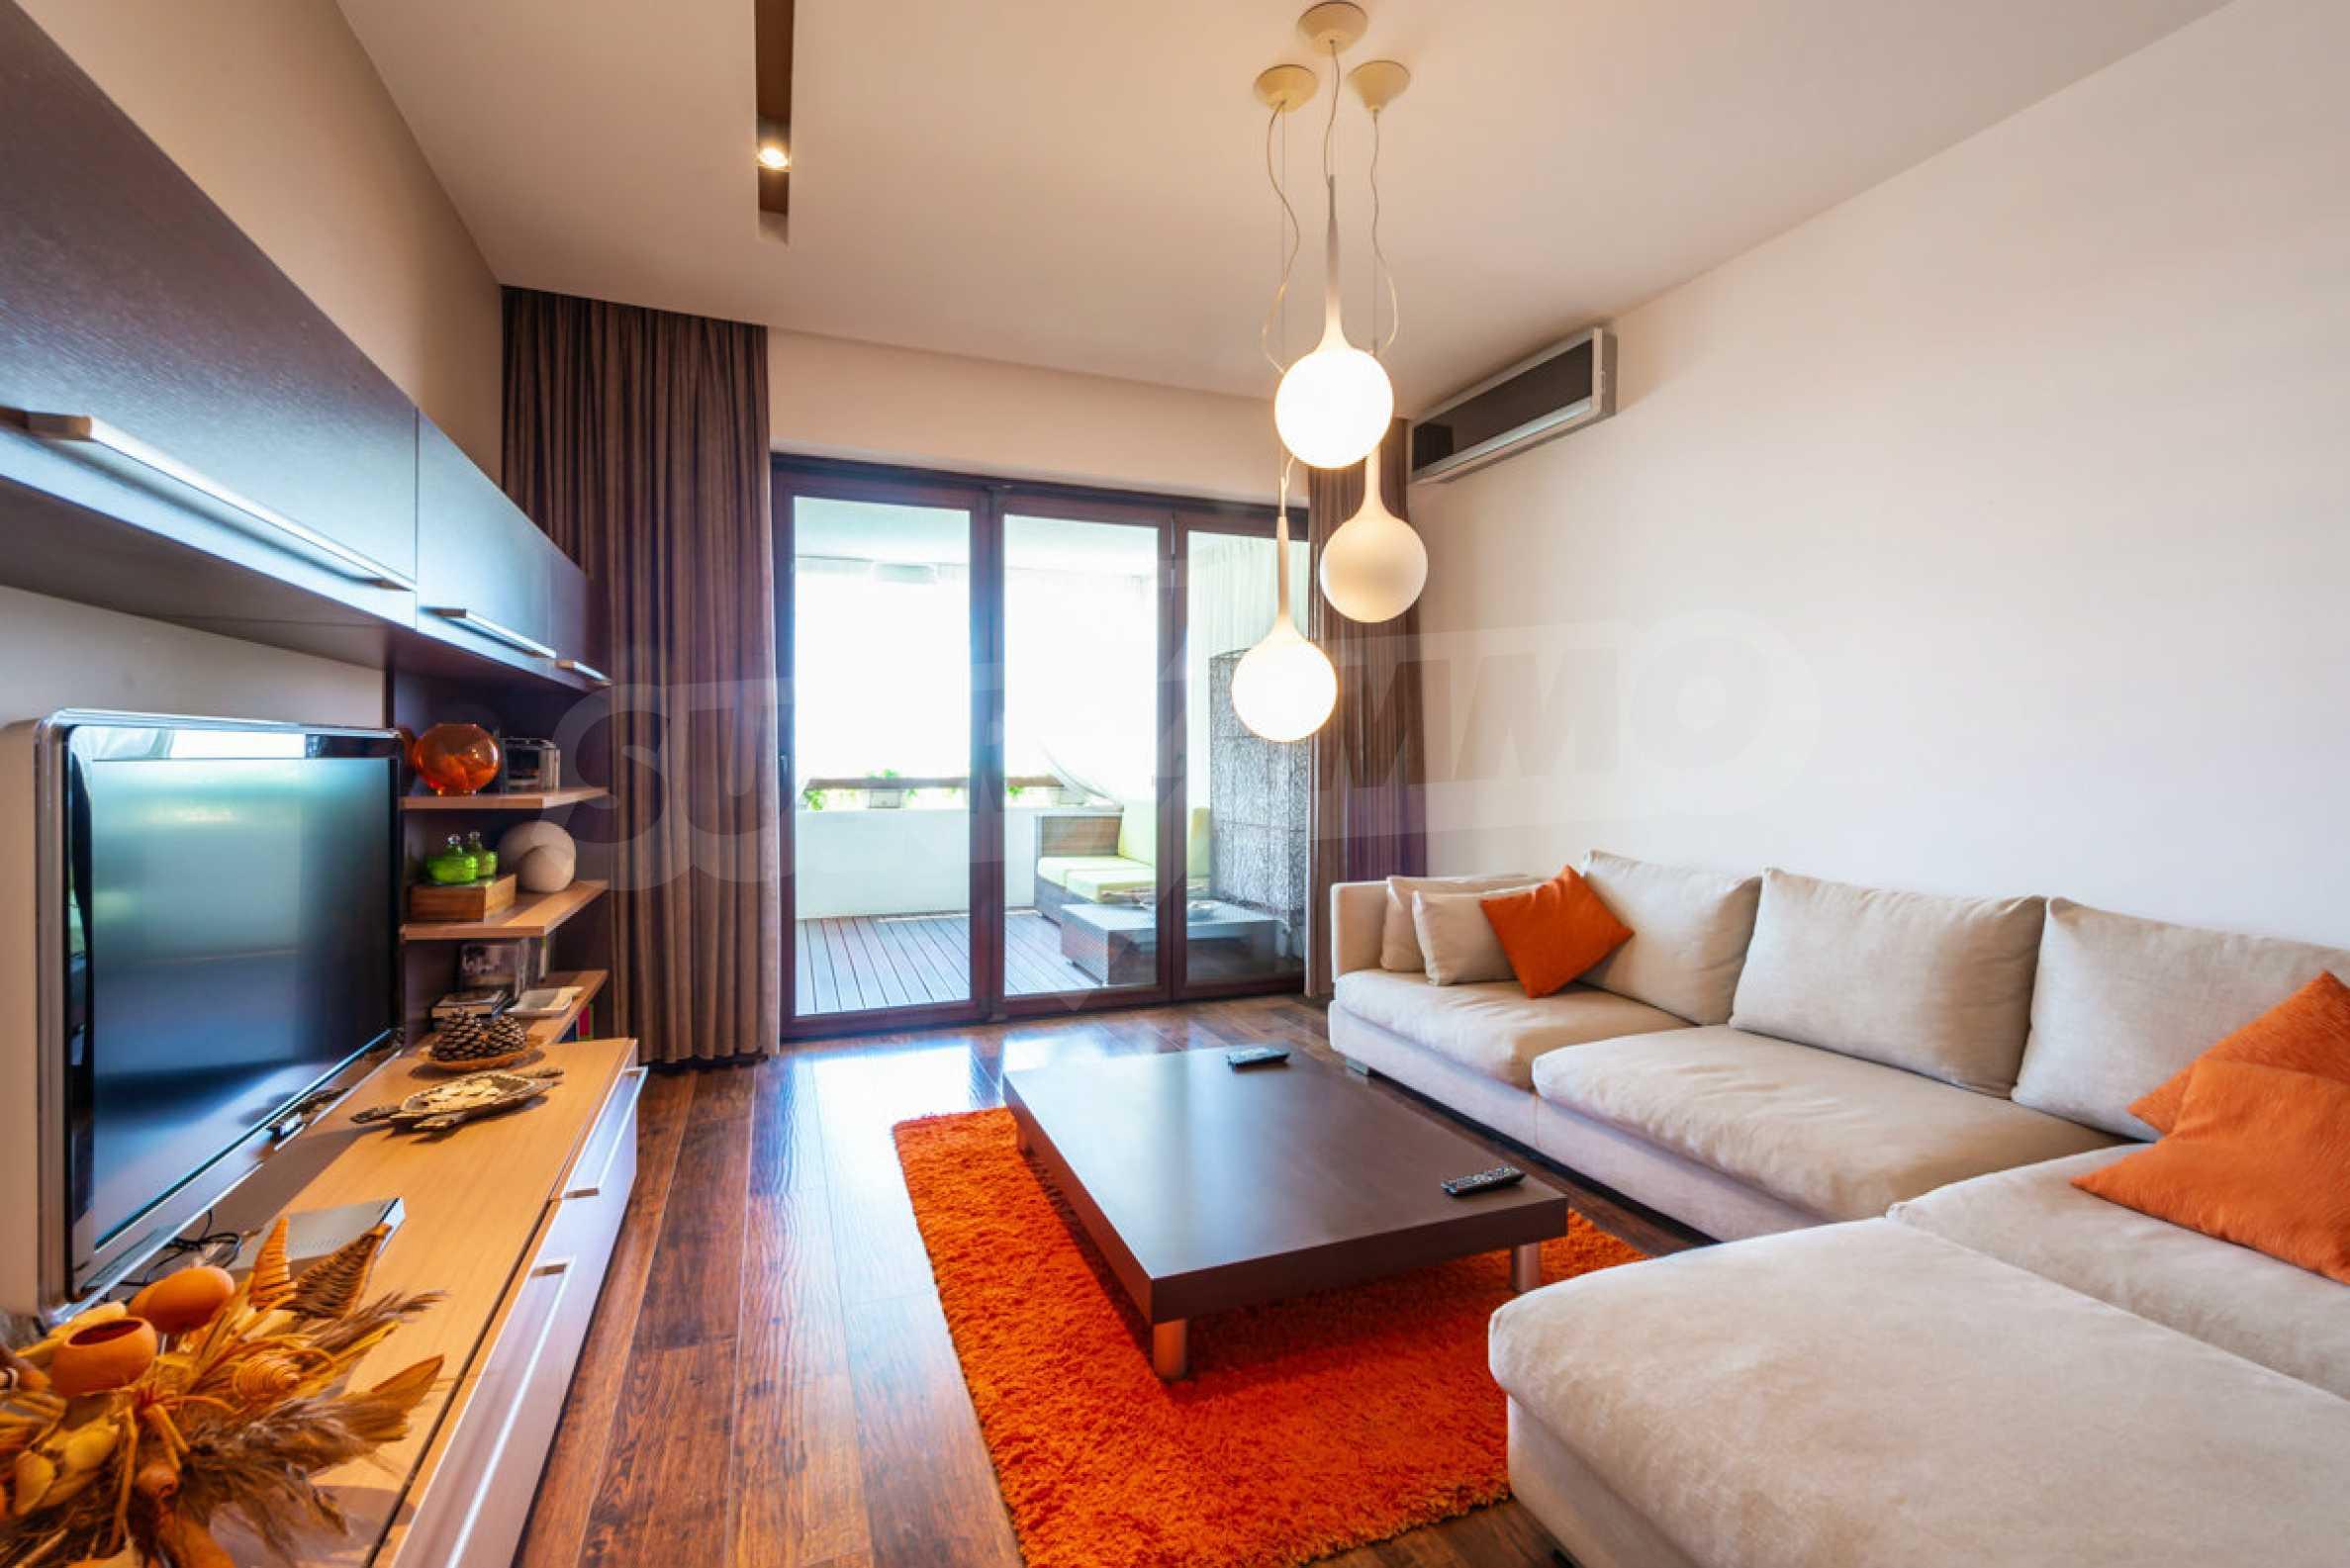 Luxus-Apartment mit einem Schlafzimmer mit spektakulärem Meerblick 1